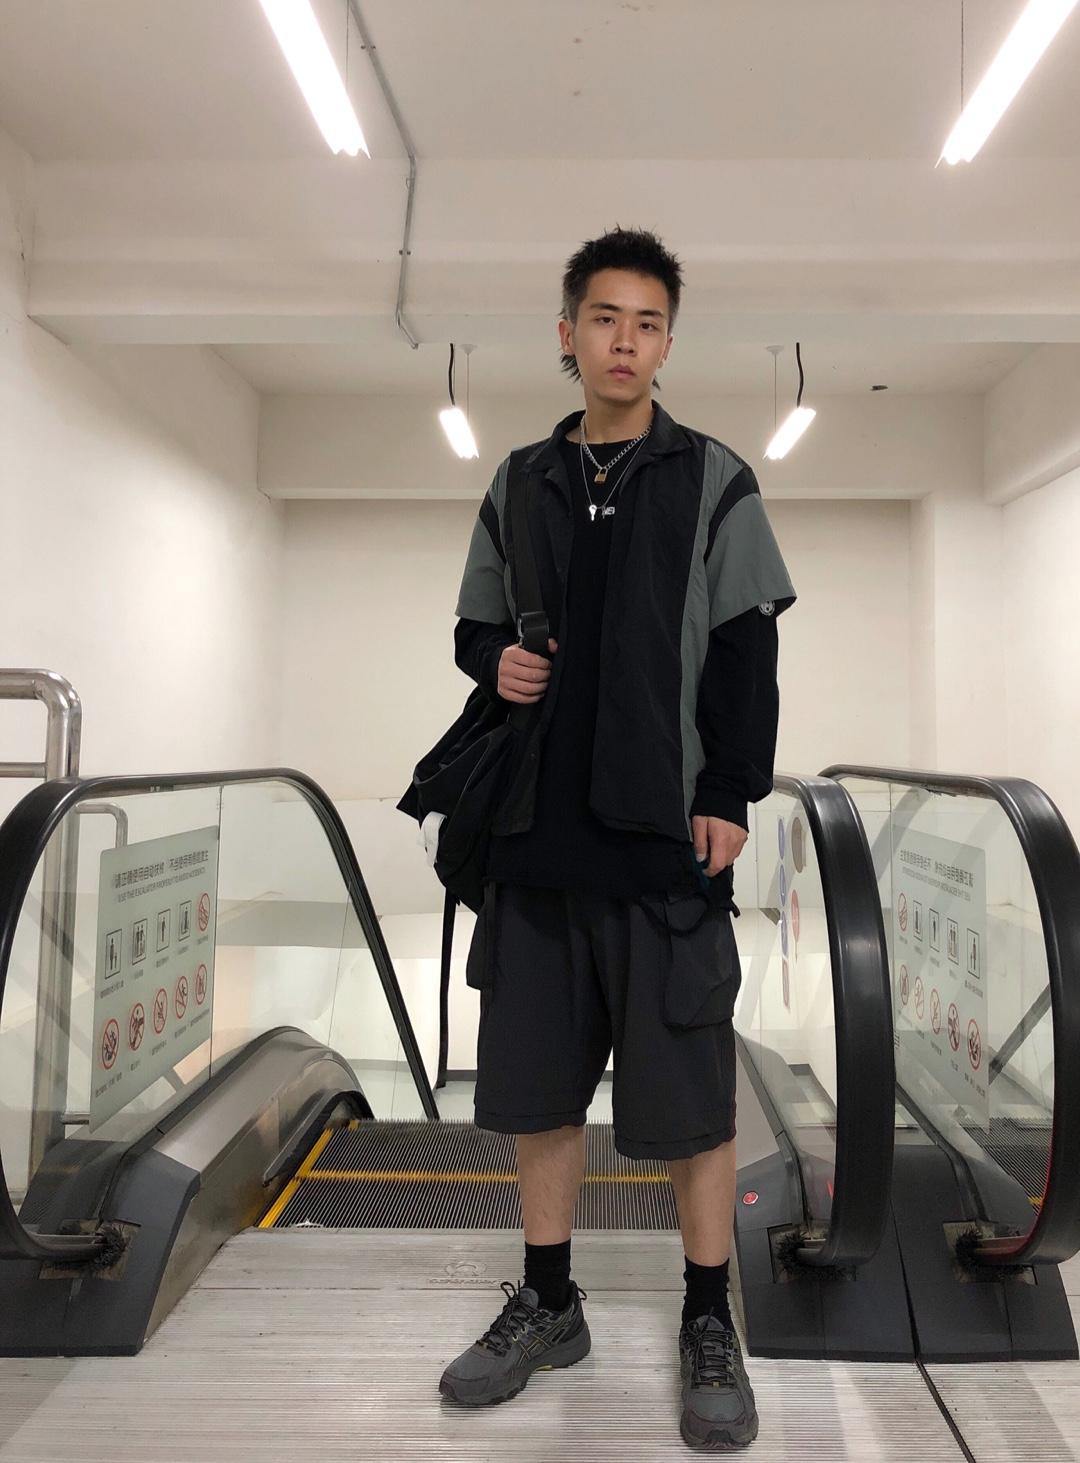 上衣:WhoseTrap 短裤:WhoseTarp 鞋子:Asics  整体选择了比较深沉的黑灰色,所以索性将上下统一起来,短裤也是一上衣做了呼应,不只是单纯的上下呼应,全身所有的单品都是为了整体去营造。背包也是直接选择了黑色机能的风格,包括鞋子,灰色的asics,这也是一种穿搭方法,就是不整齐的统一,颜色上相近,但是款式上的层次感也可以让整体复杂起来。#好看易学的温柔风穿搭模板!#